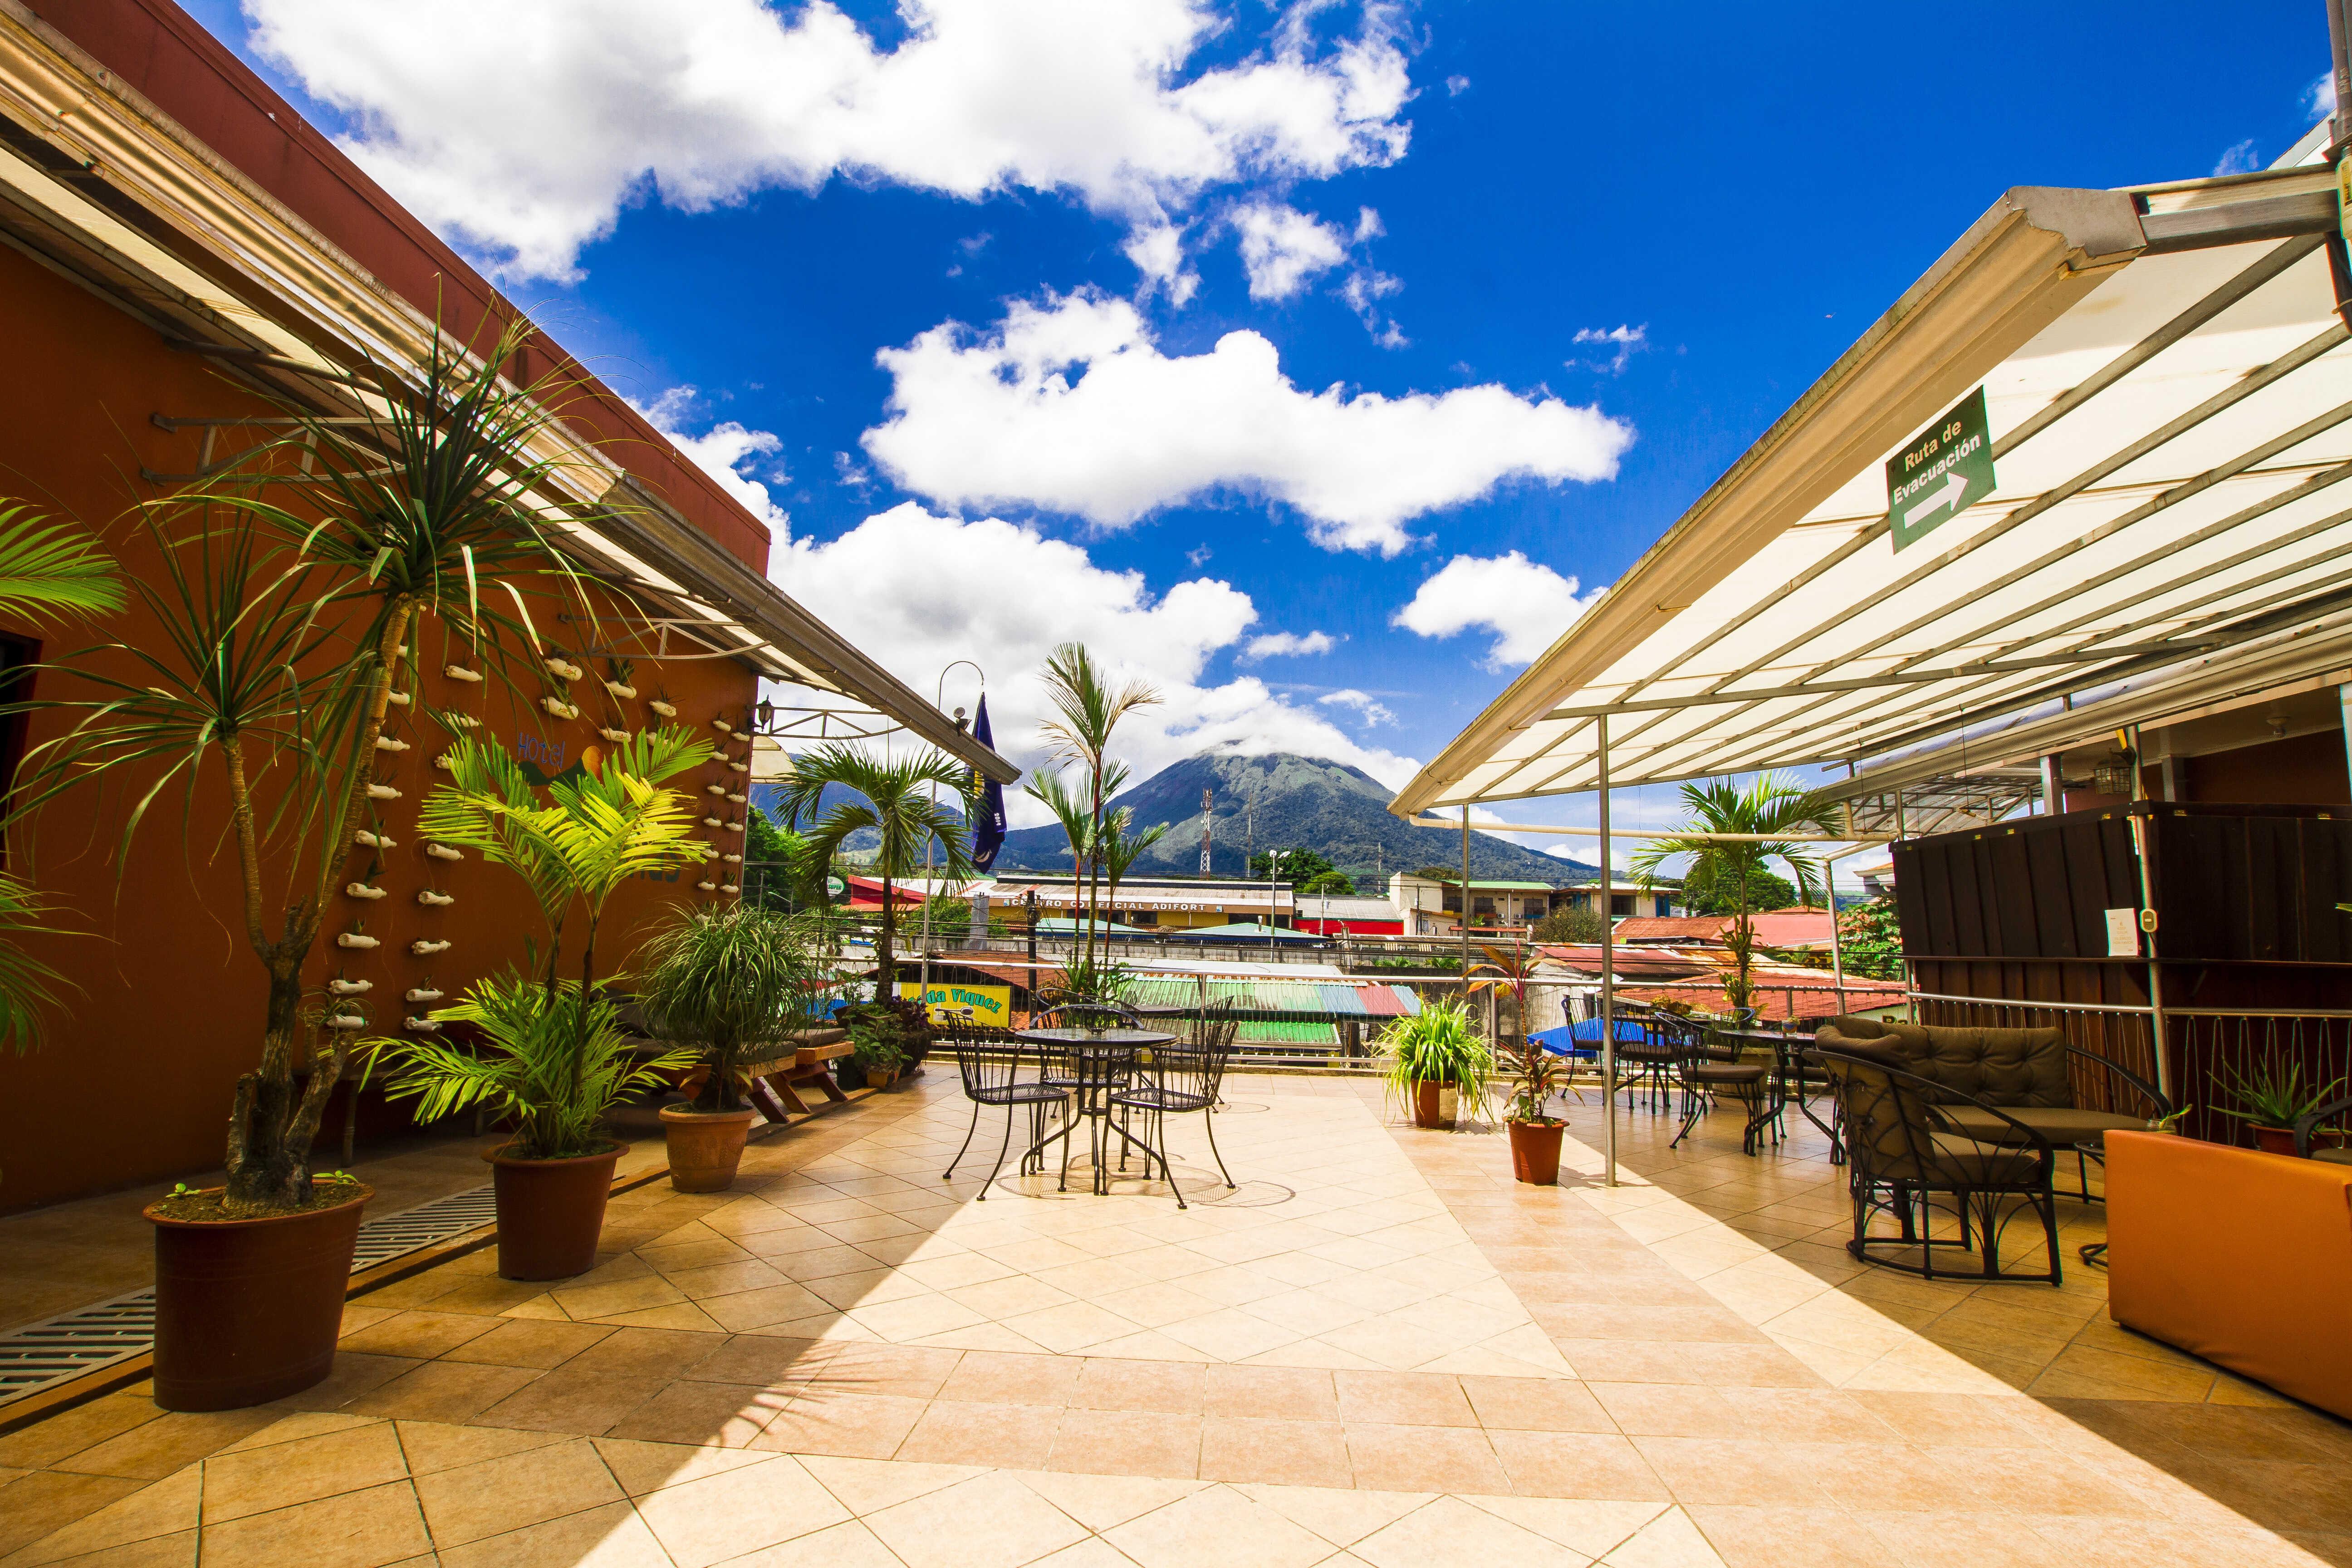 Hotel Las Colinas in La Fortuna, Costa Rica